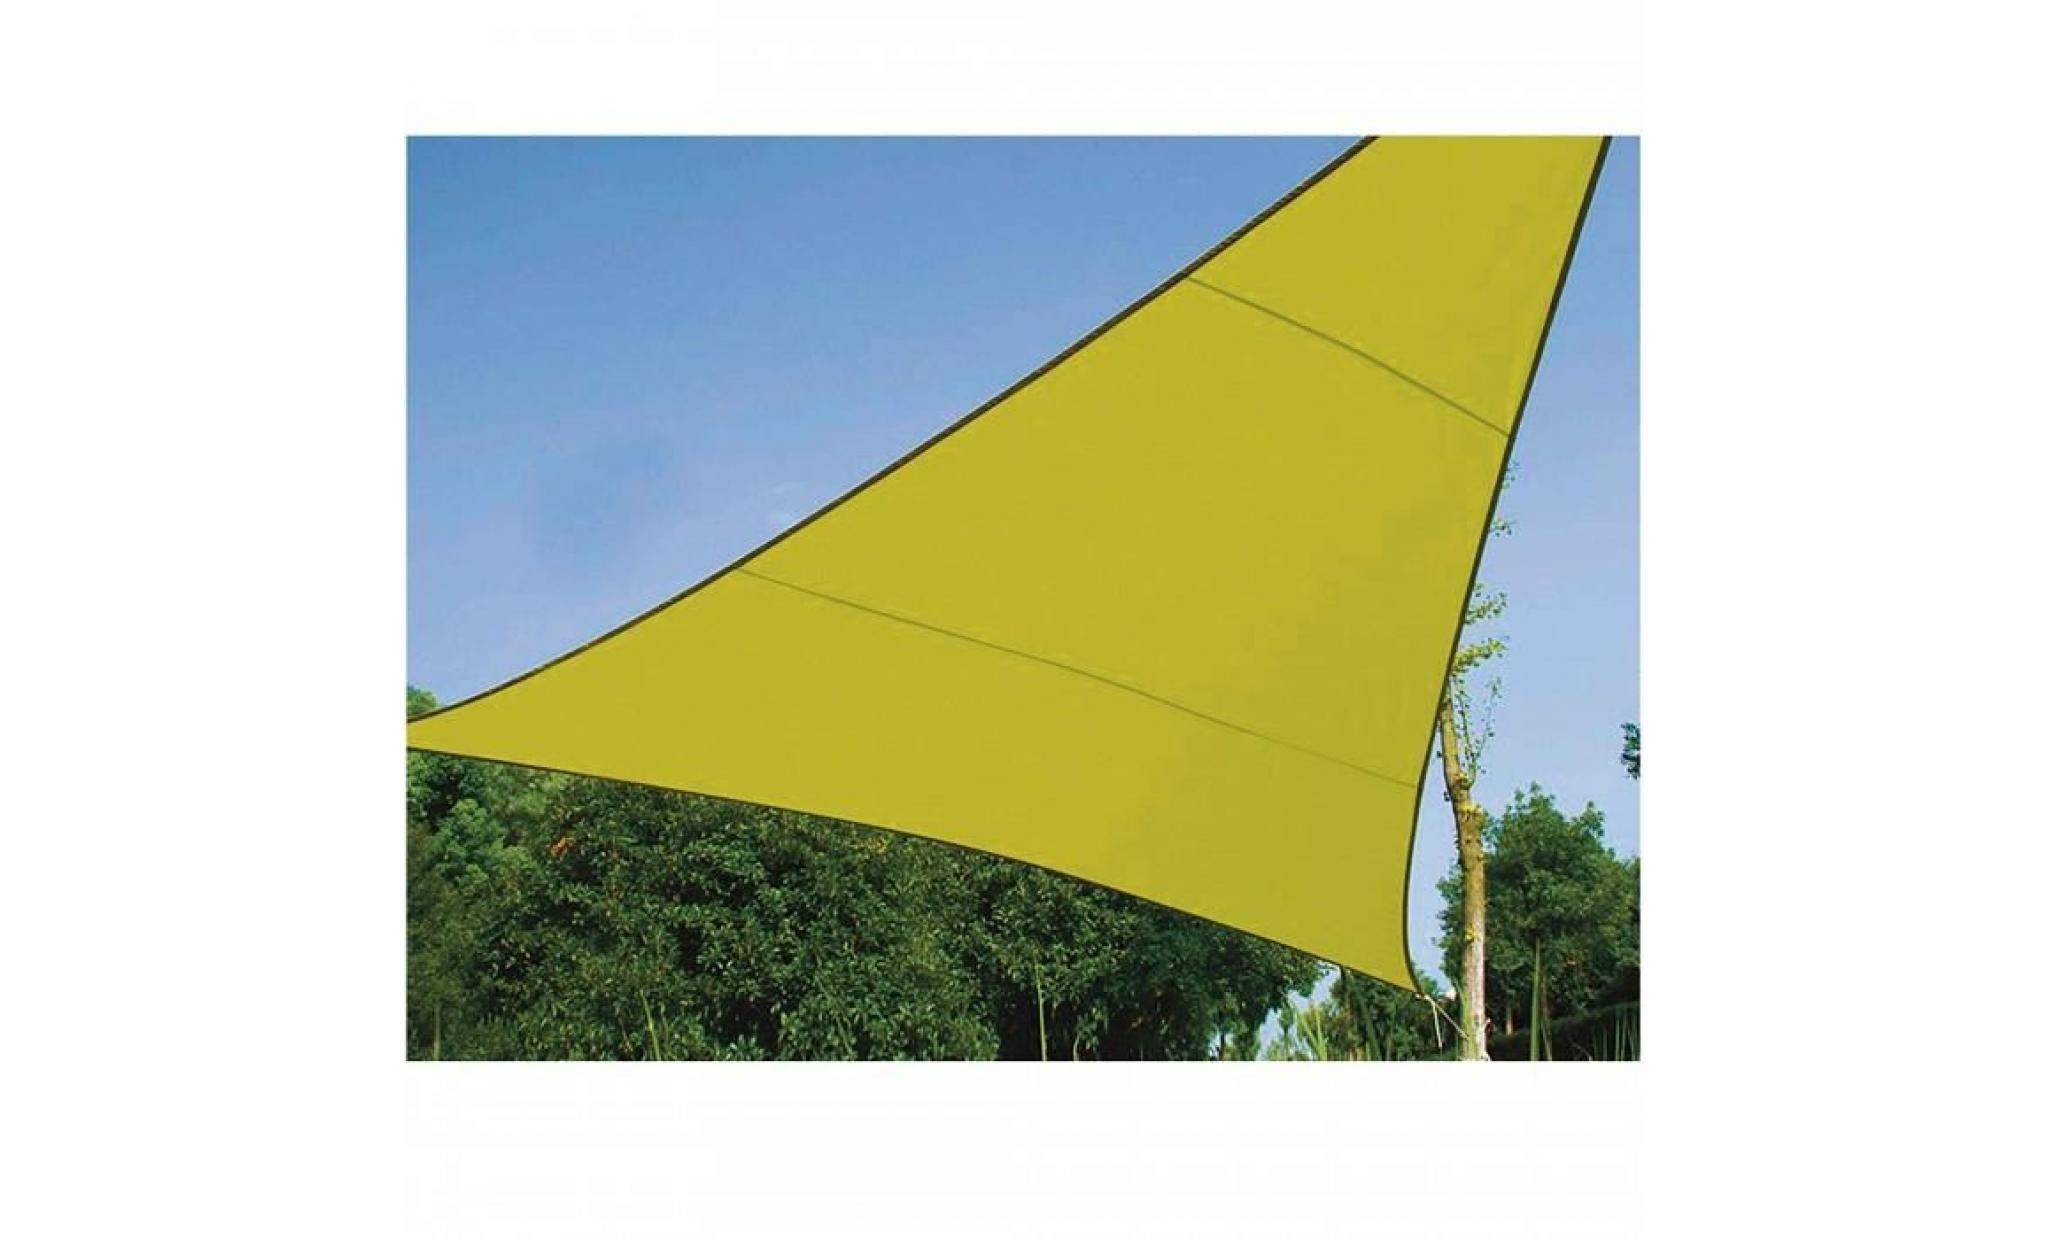 5 X 5 X 5 M Voile D'ombrage Triangle 5 M, Ideale Pour Votre Jardin Et Vos  Terrasses. Tres Belle Toile Couleur Vert Anis concernant Toile Jardin Triangle